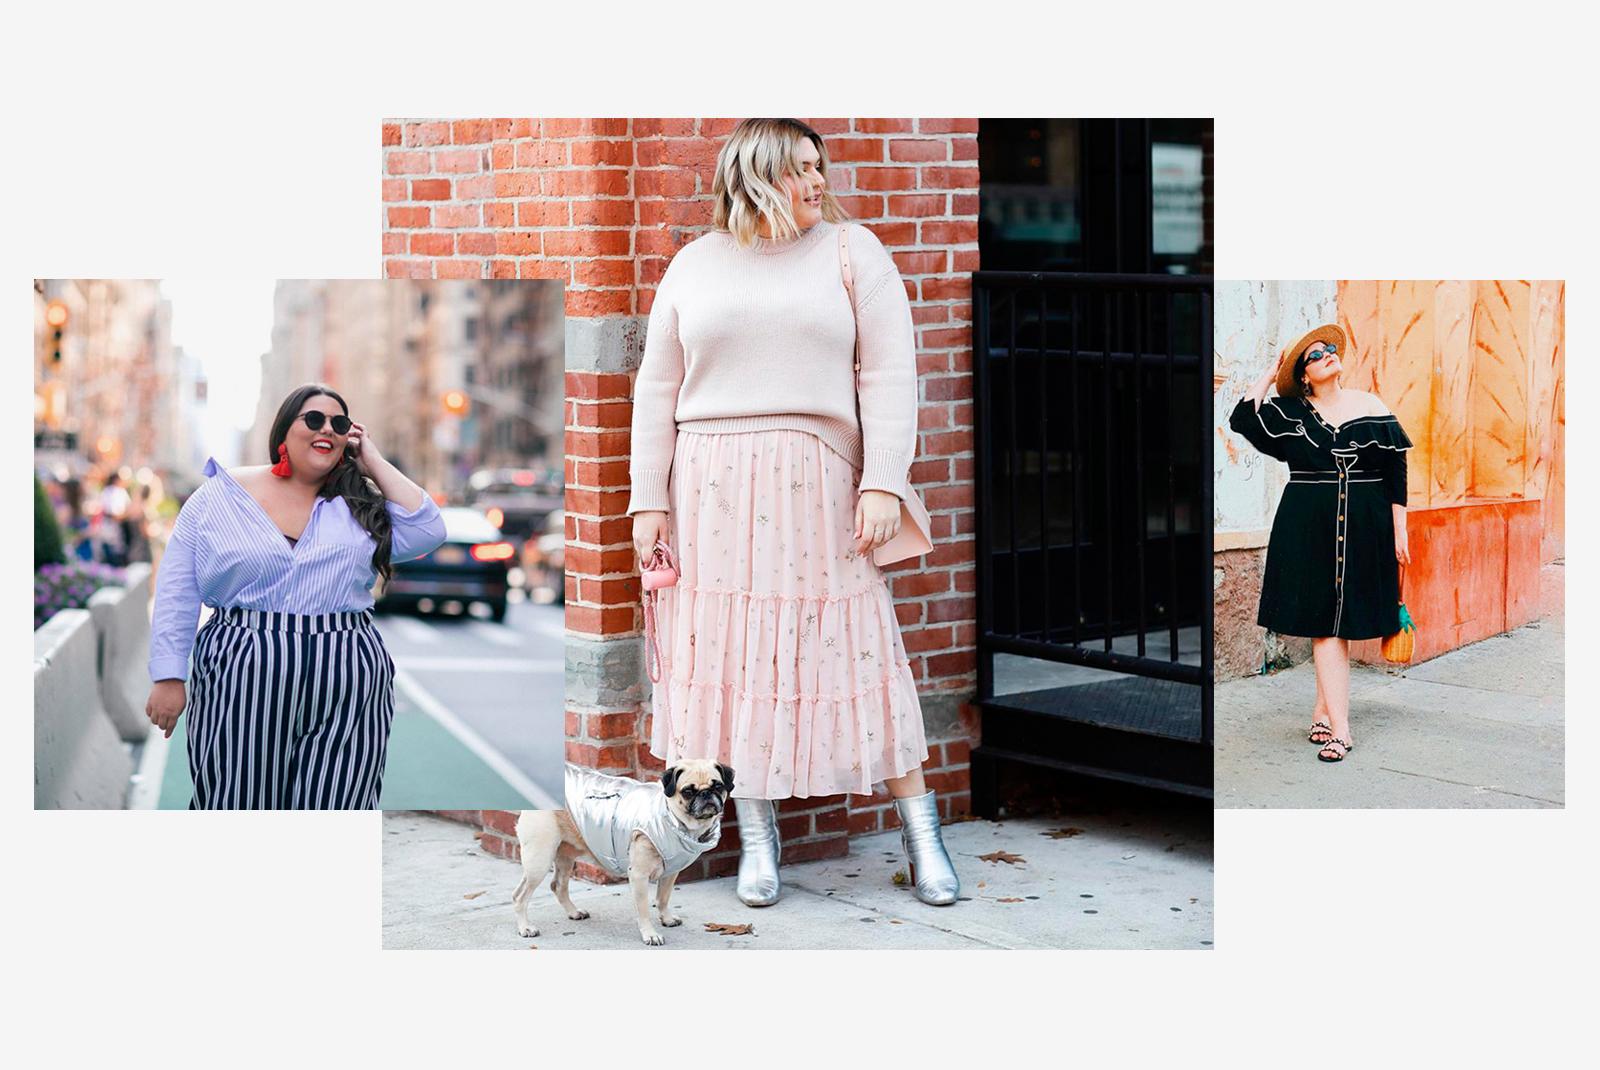 1ec62124ba9 9 модных Instagram-блогеров plus size, которые вдохновляют :: Мода :: РБК  Pink